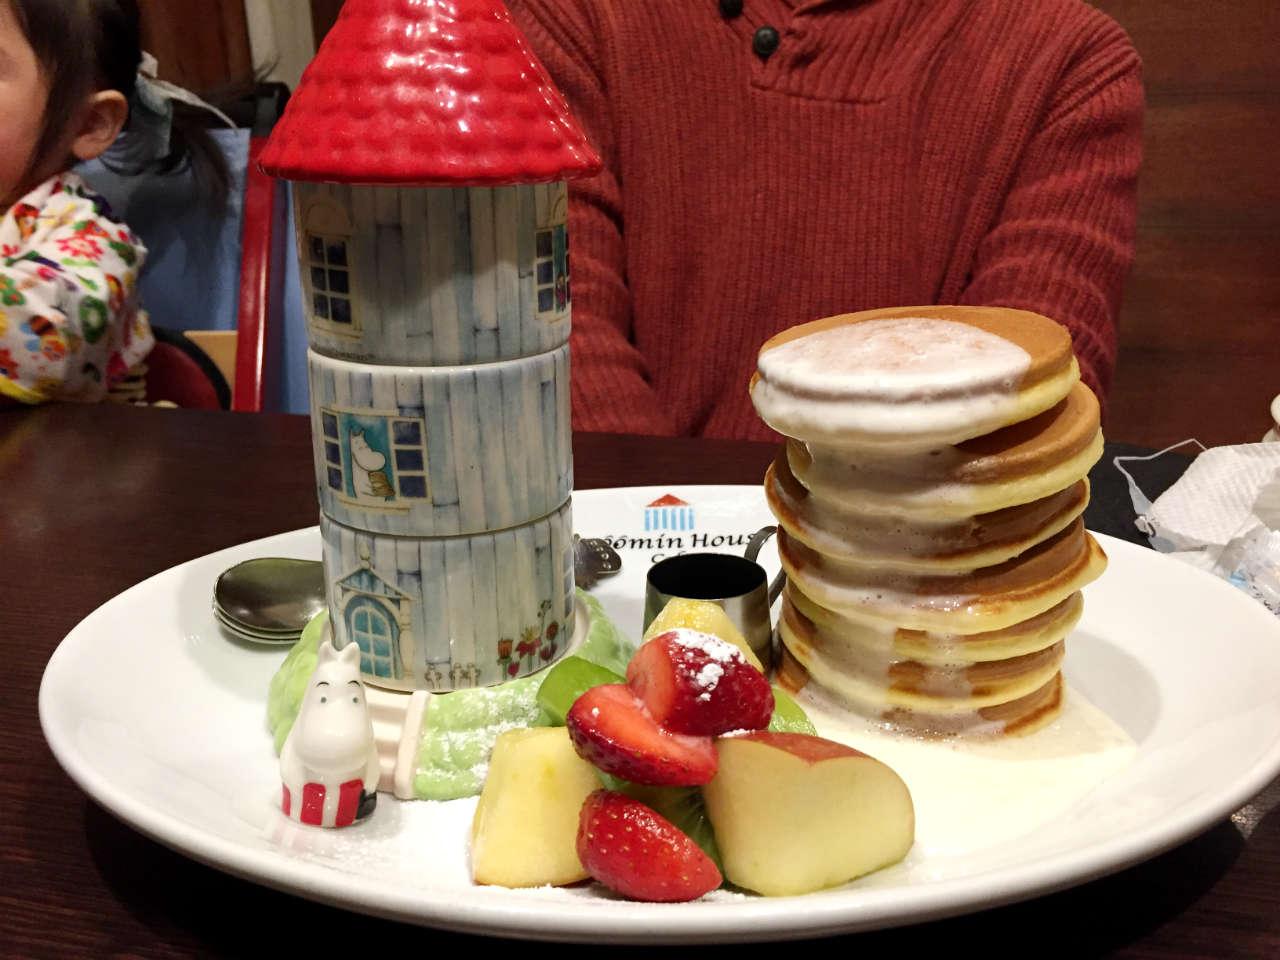 ムーミンハウスカフェのムーミンハウスパンケーキ